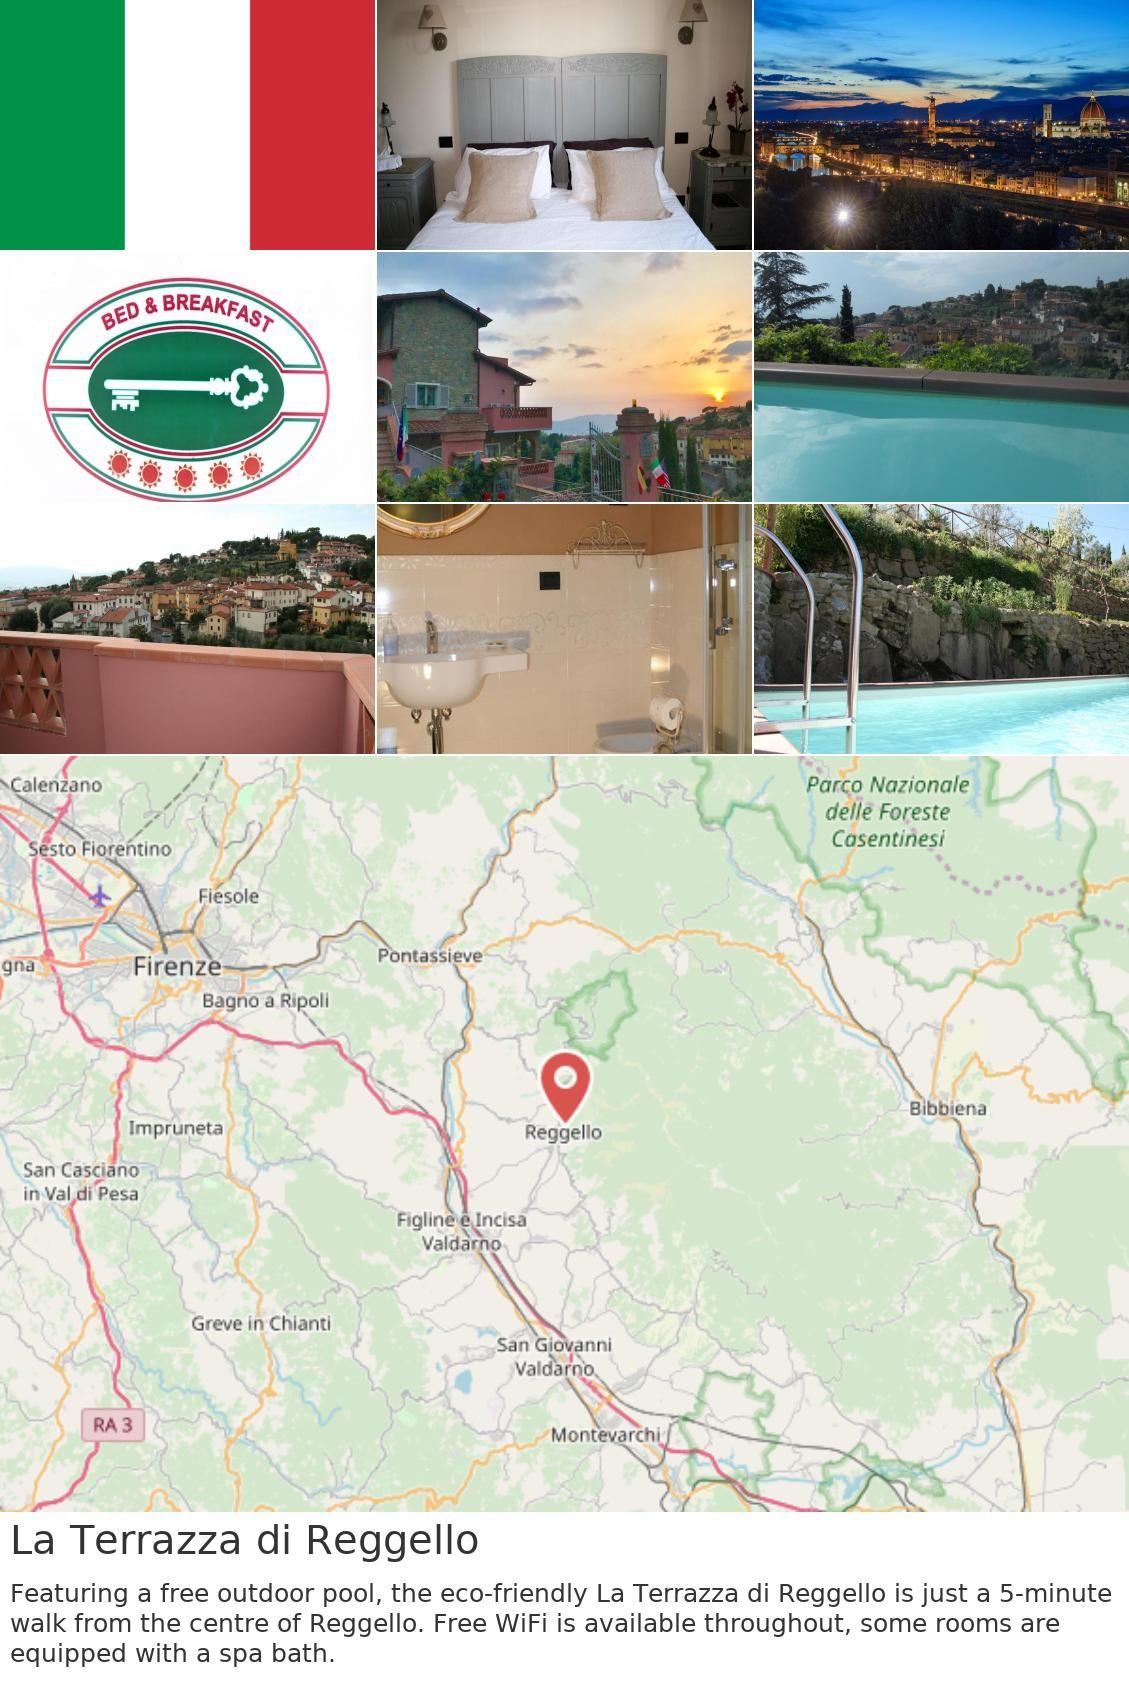 La Terrazza Di Reggello In 2019 Italy Outdoor Pool Spa